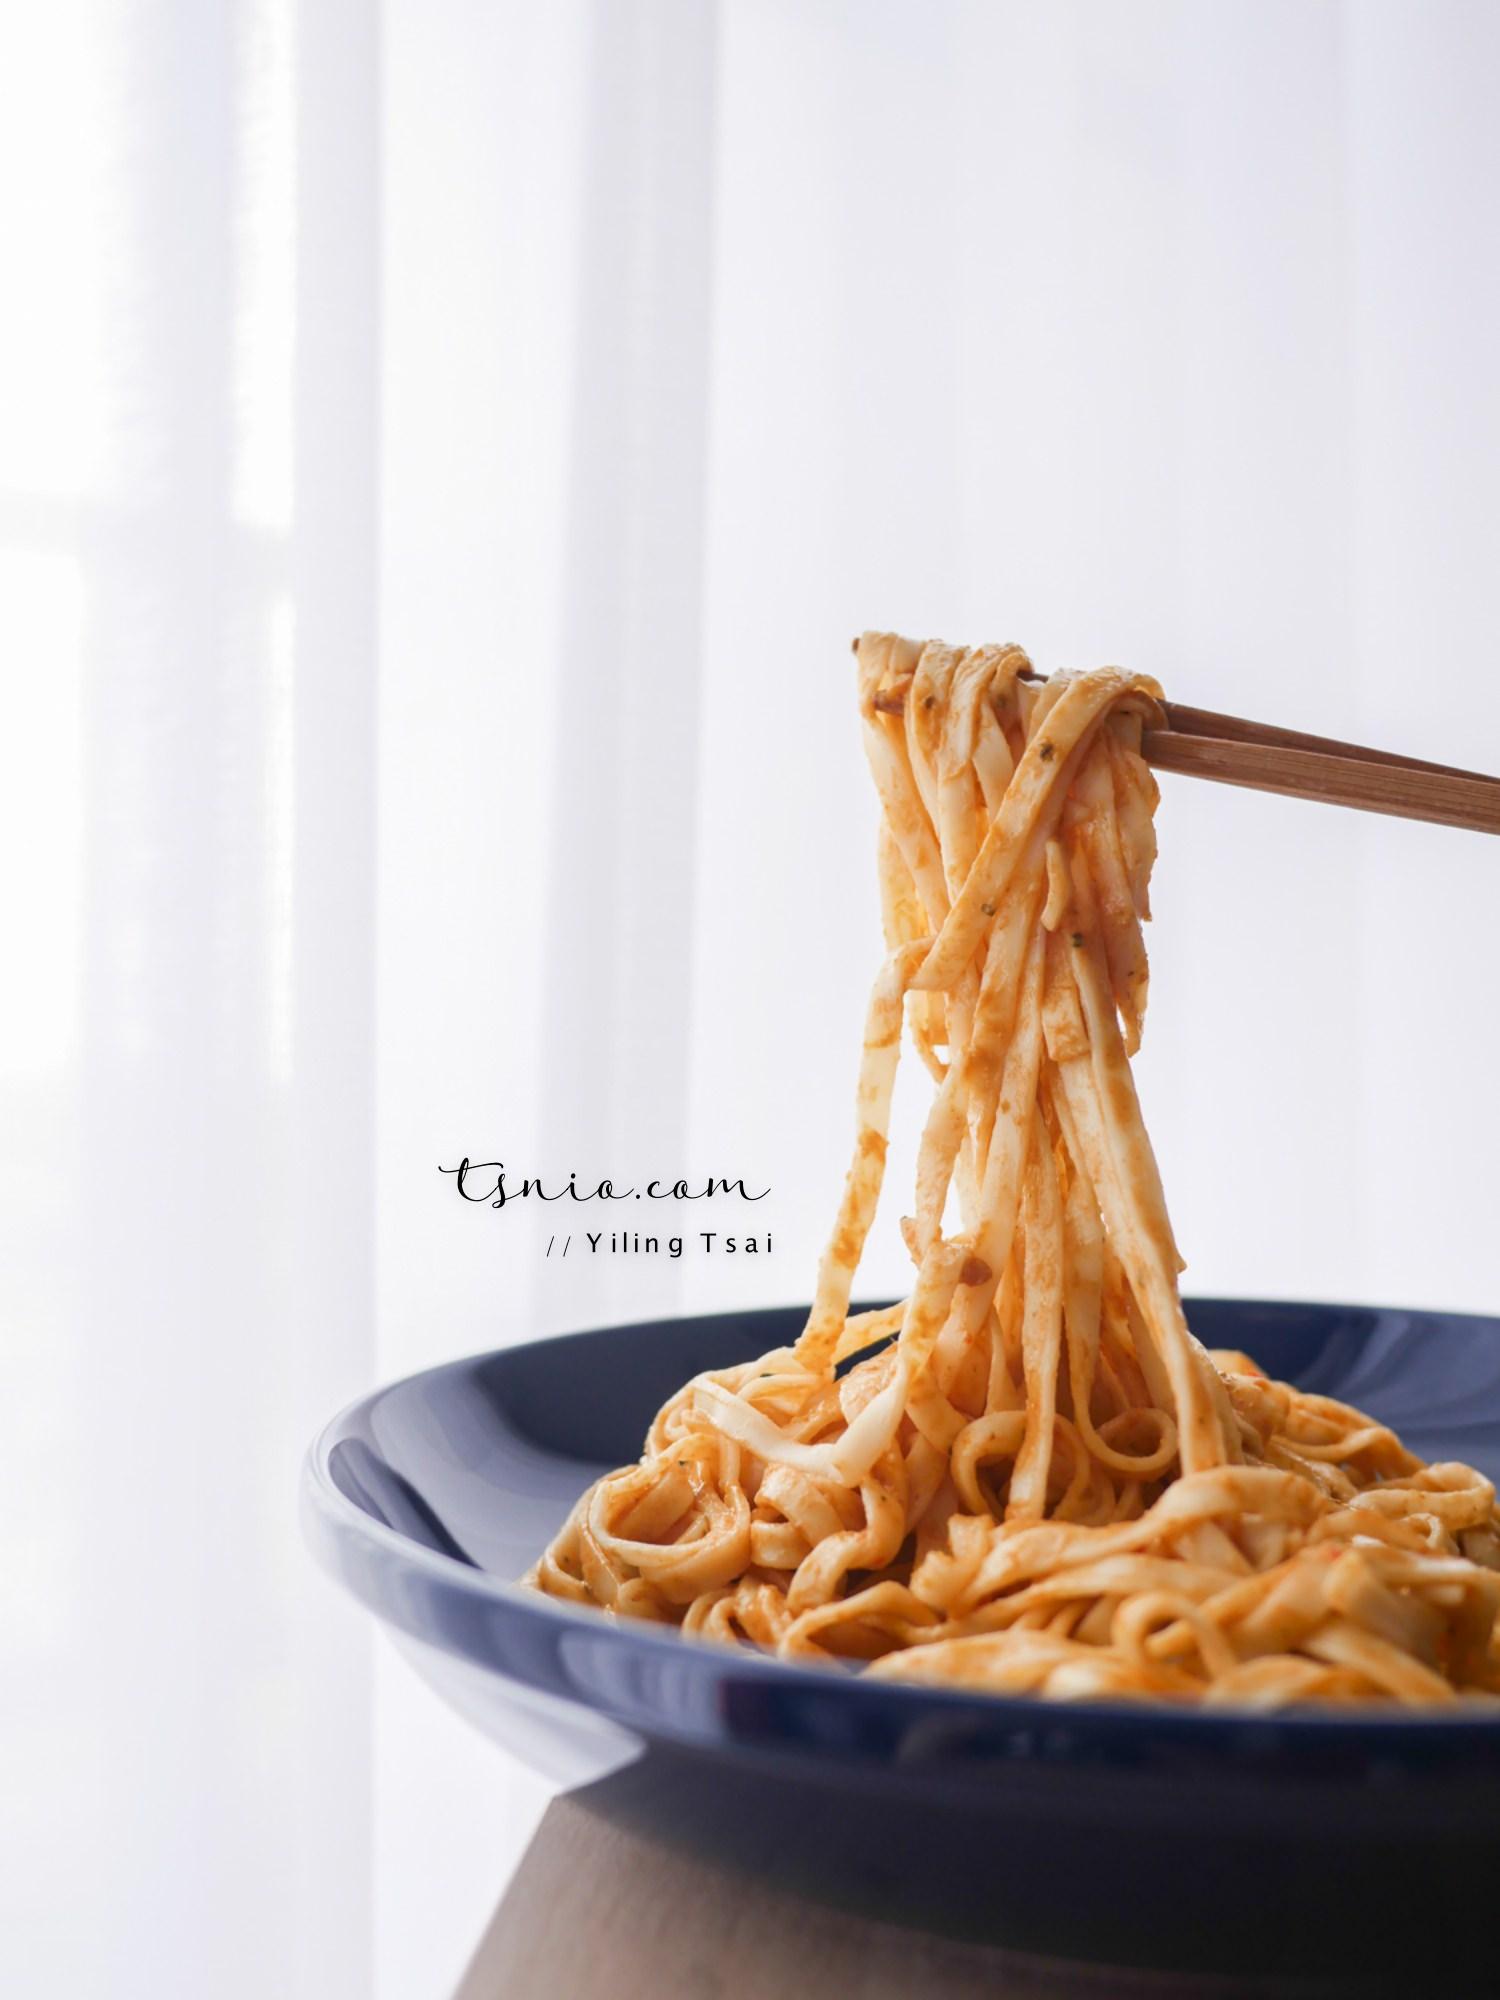 老媽拌麵 藍象聯名系列 結合台灣關廟麵和泰式精緻風味